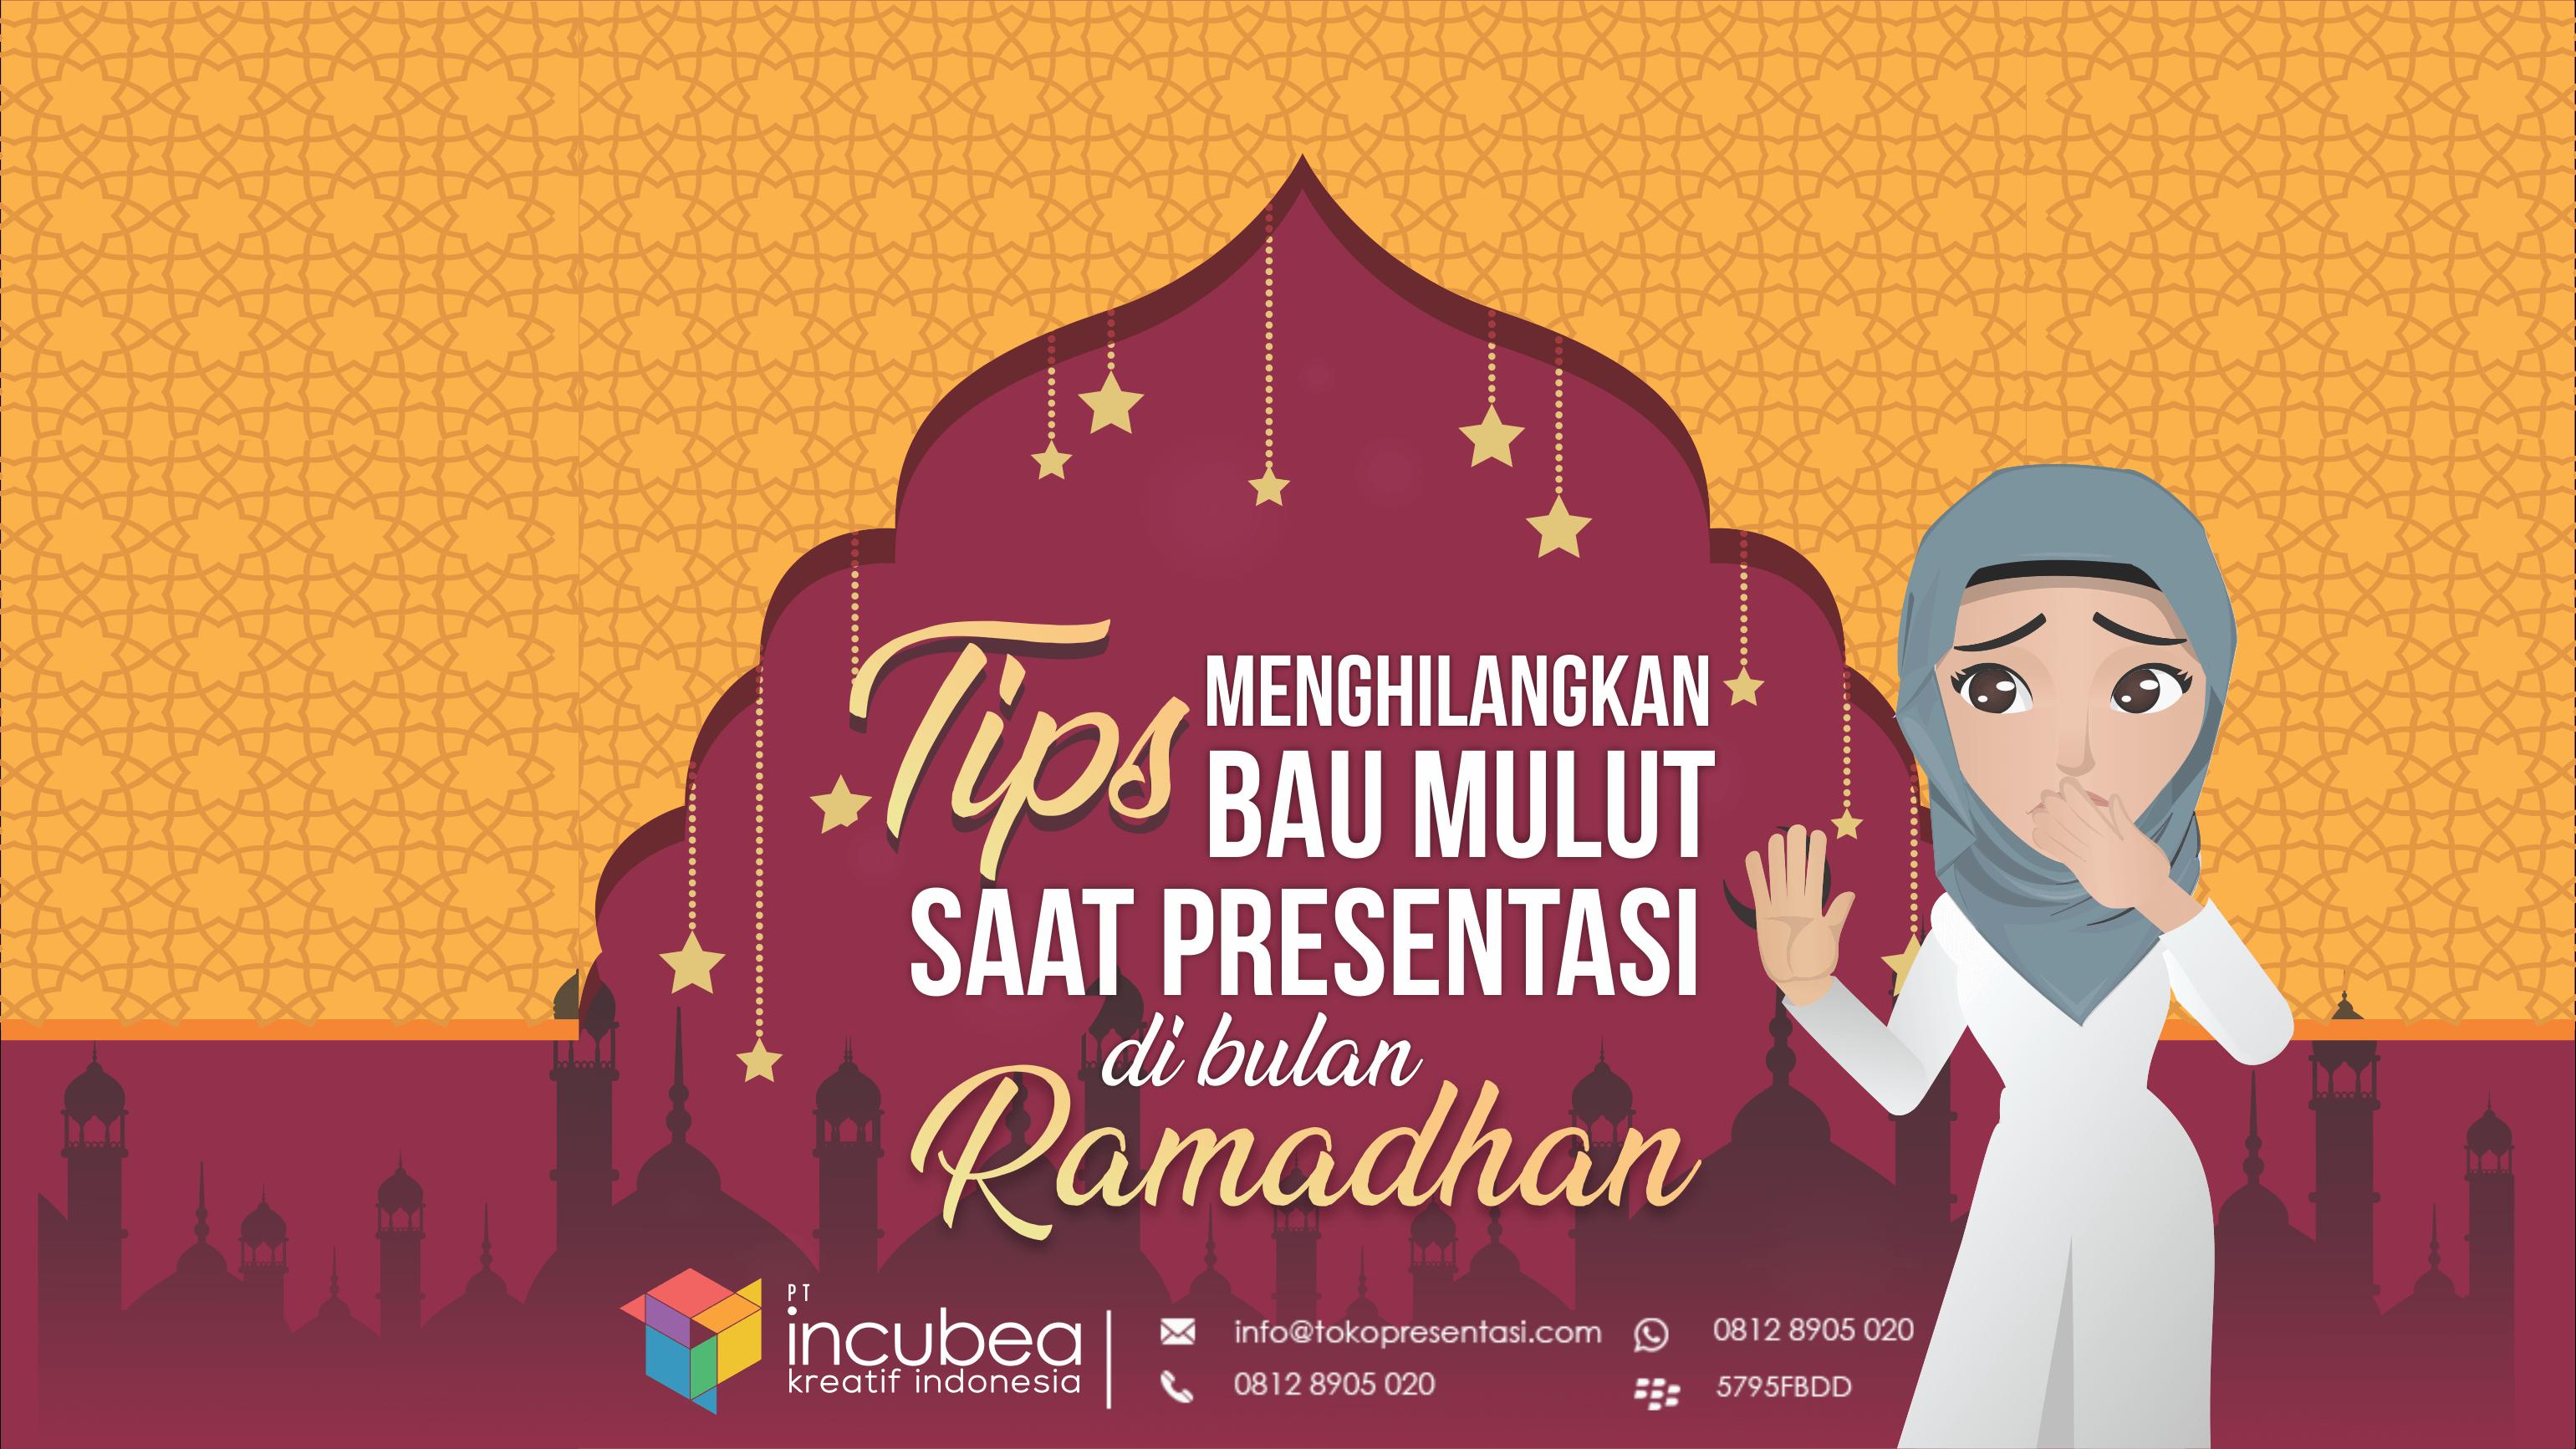 tips menghilangkan bau mulut saat presentasi di bulan ramadhan - tokopresentasi